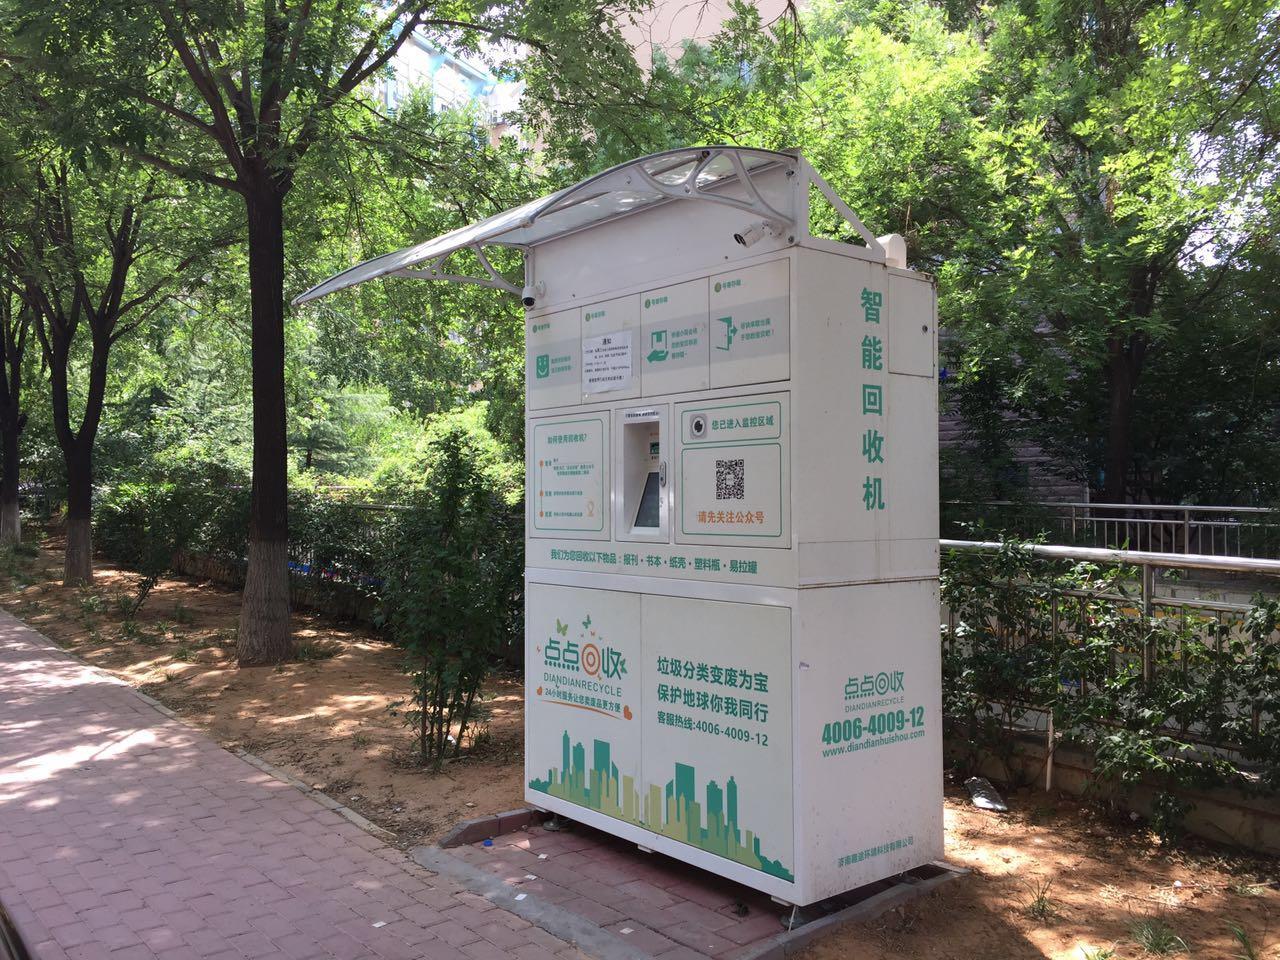 济南部分小区投用智能垃圾回收机受欢迎 需求缺口较大